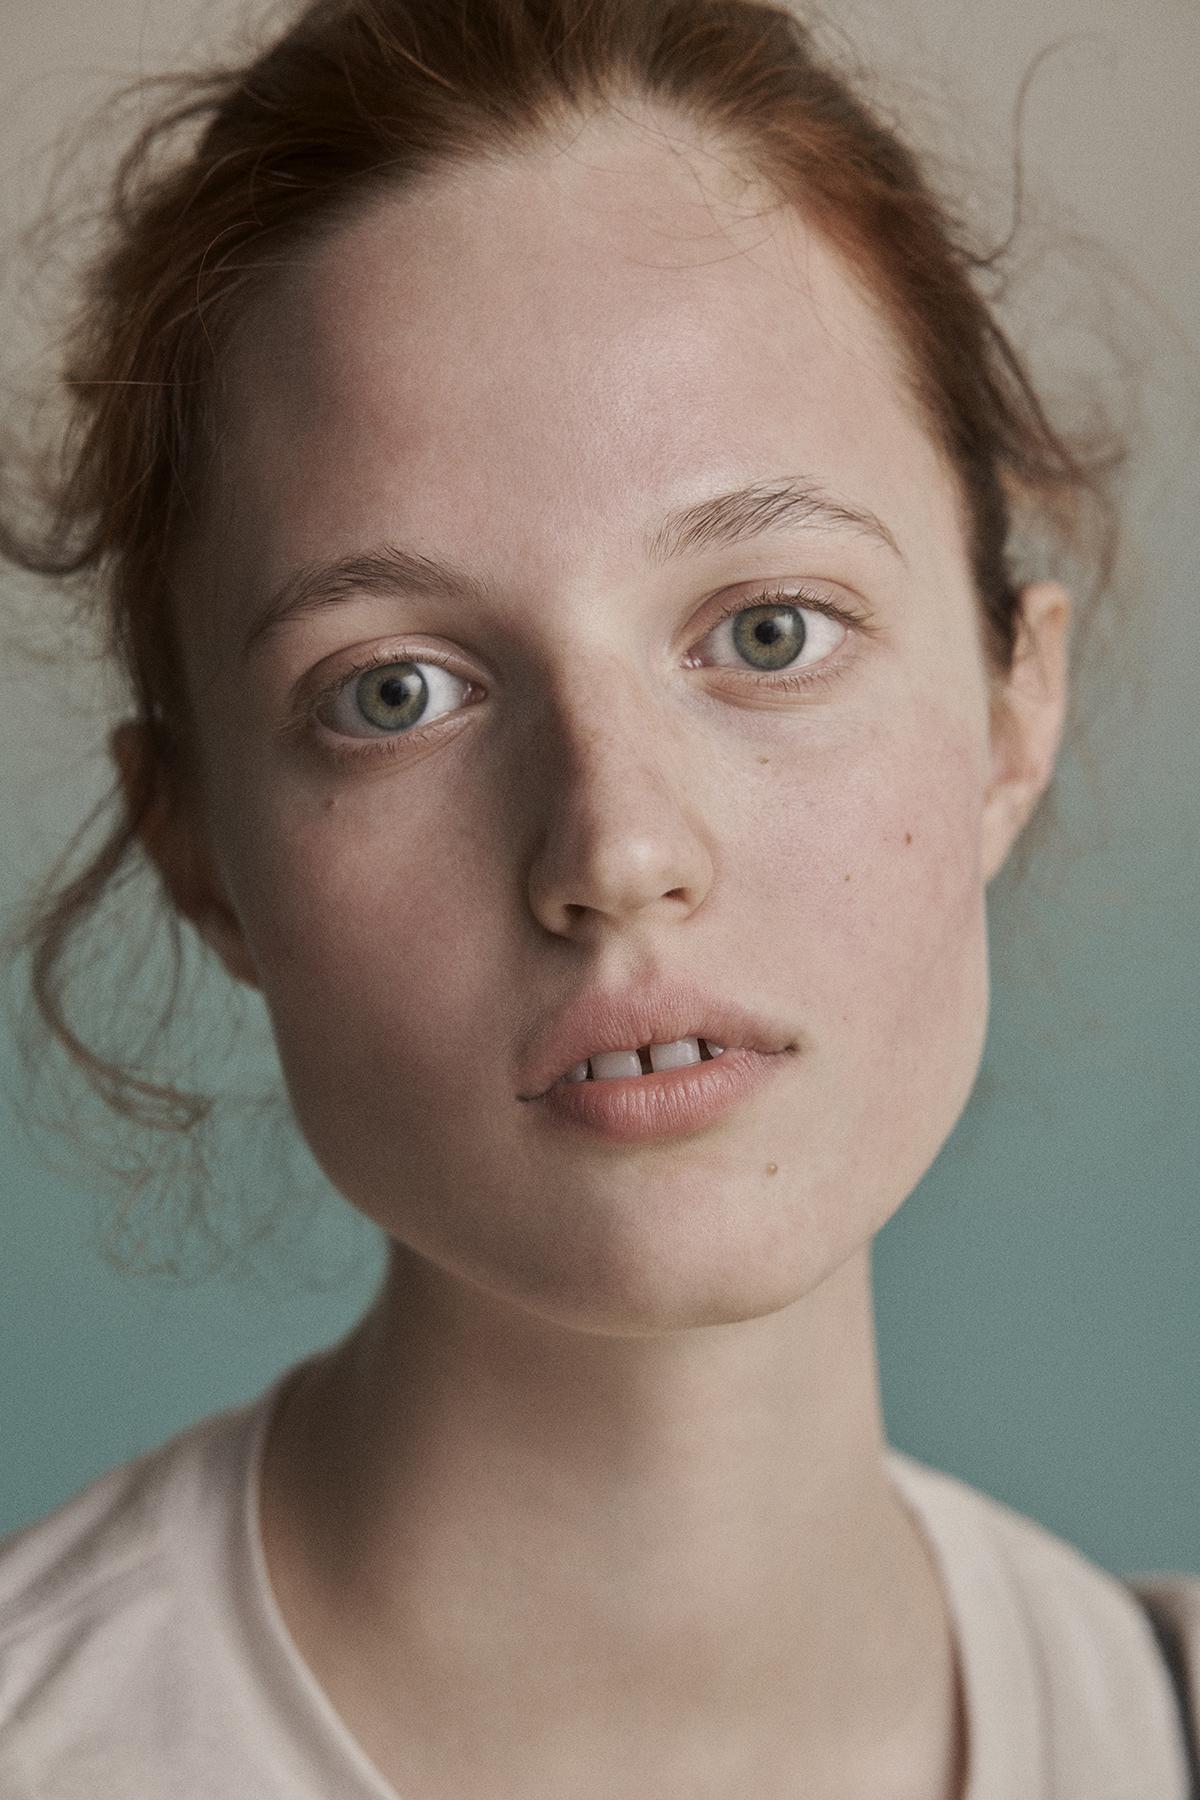 Portret mlodej pieknej rudej dziewczyny wlosy ma upiete